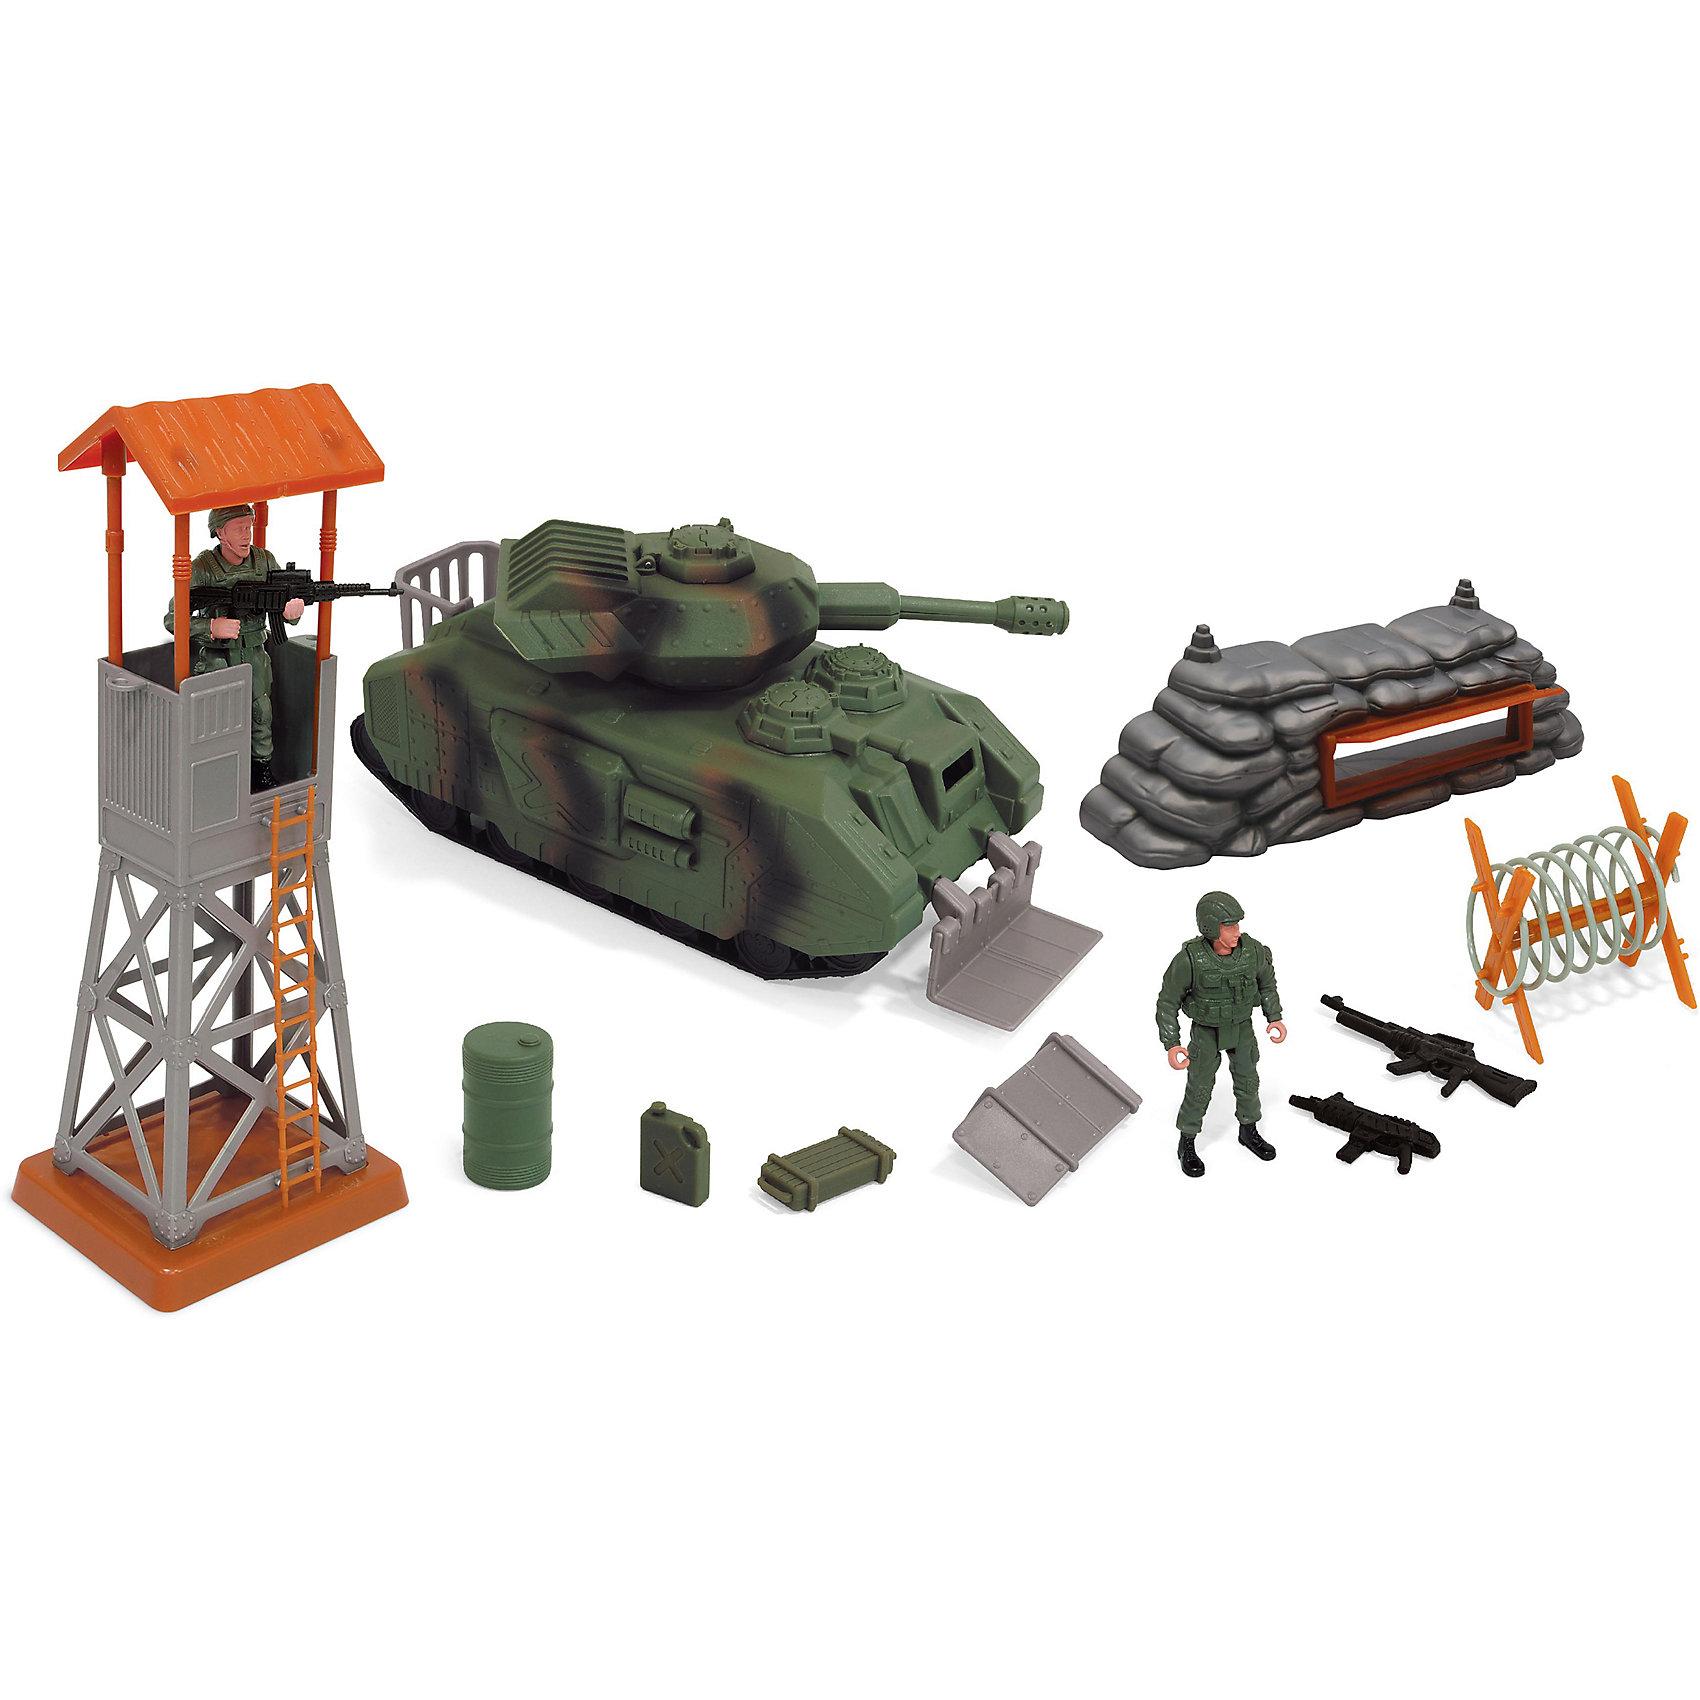 Игровой набор Военные, BoleyИгровой набор Военные, Boley (Болей).<br><br>Характеристики:<br><br>• Вес: 870 г.<br>• Размер упаковки: 39х14х20 см.<br>• В комплекте: танк, фигурка солдата, аксессуары, оружие.<br><br>Игровой набор «Военные» от бренда Boley (Болей) - станет отличным подарком для каждого мальчика к любому празднику! С ним ребенок сможет затеять увлекательную сюжетно-ролевую игру на военную тематику. В комплекте: танк со звуковыми и световыми эффектами, 2 фигурки солдатиков, заграждение из мешков и наблюдательная вышка. Башня у танка поворачивается на 360' градусов. Все предметы выполнены из высококачественных, экологически чистых материалов, совершенно безопасных для ребенка. Игрушка выглядит ярко и очень эффектно!  <br><br>Игровой набор Военные, Boley (Болей), можно купить в нашем интернет - магазине.<br><br>Ширина мм: 410<br>Глубина мм: 360<br>Высота мм: 140<br>Вес г: 1173<br>Возраст от месяцев: 48<br>Возраст до месяцев: 2147483647<br>Пол: Мужской<br>Возраст: Детский<br>SKU: 5185759